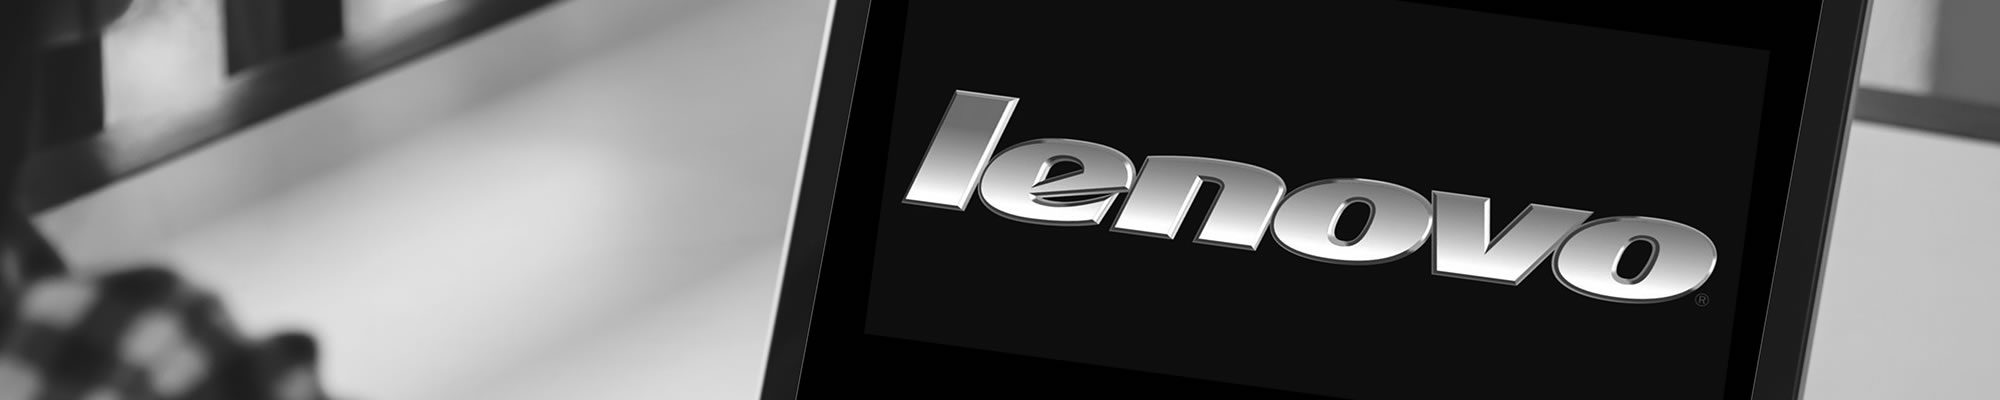 banner -brand lenovo